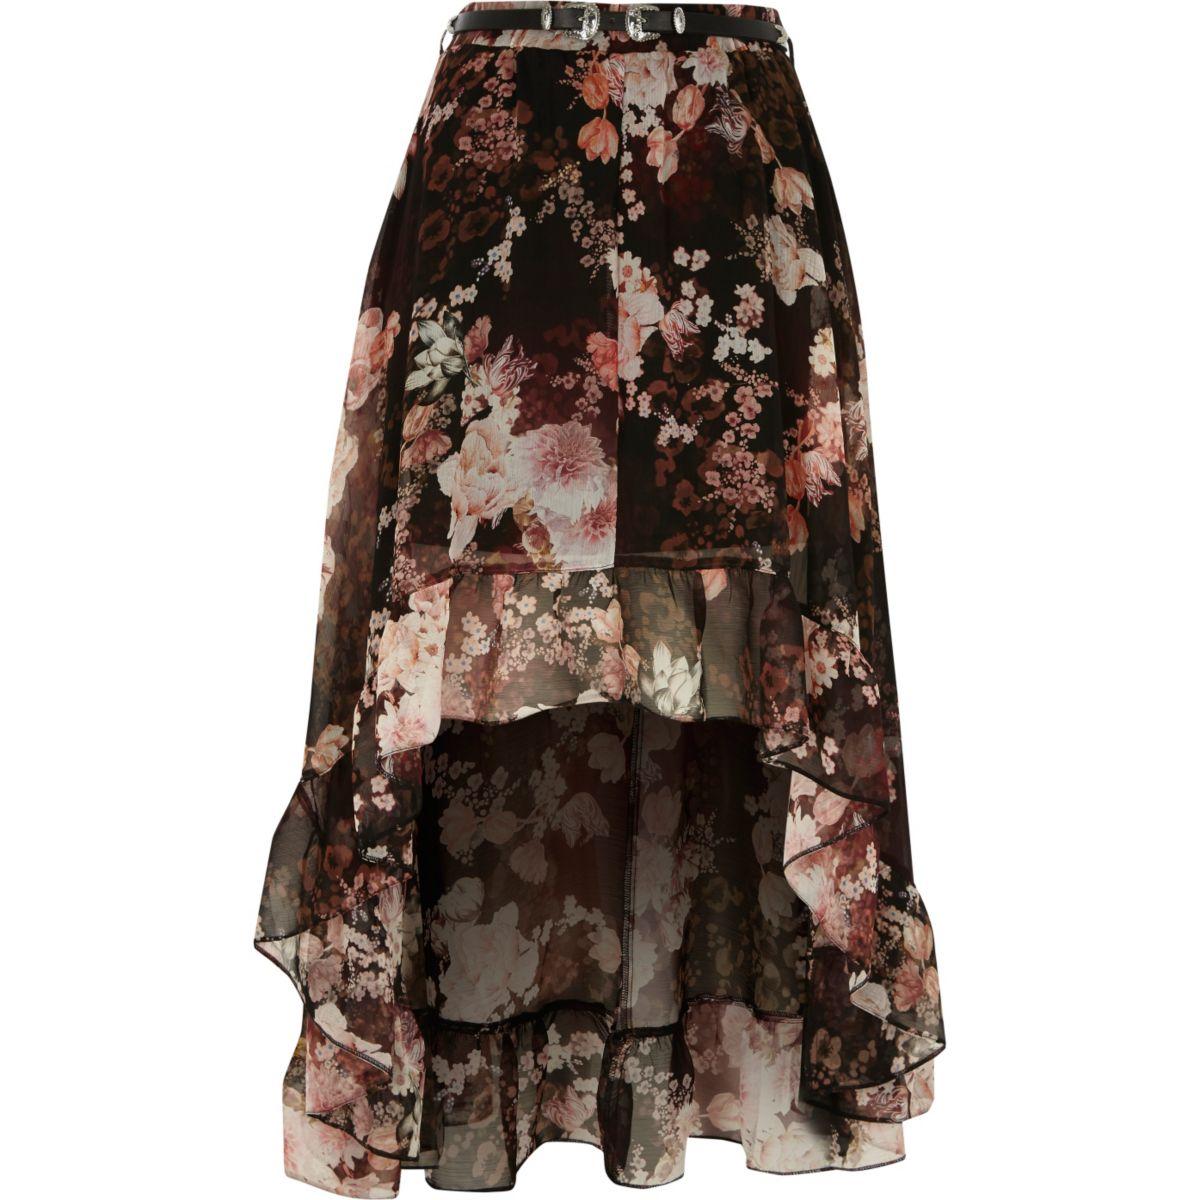 Zwarte asymmetrische rok met bloemenprint en volant